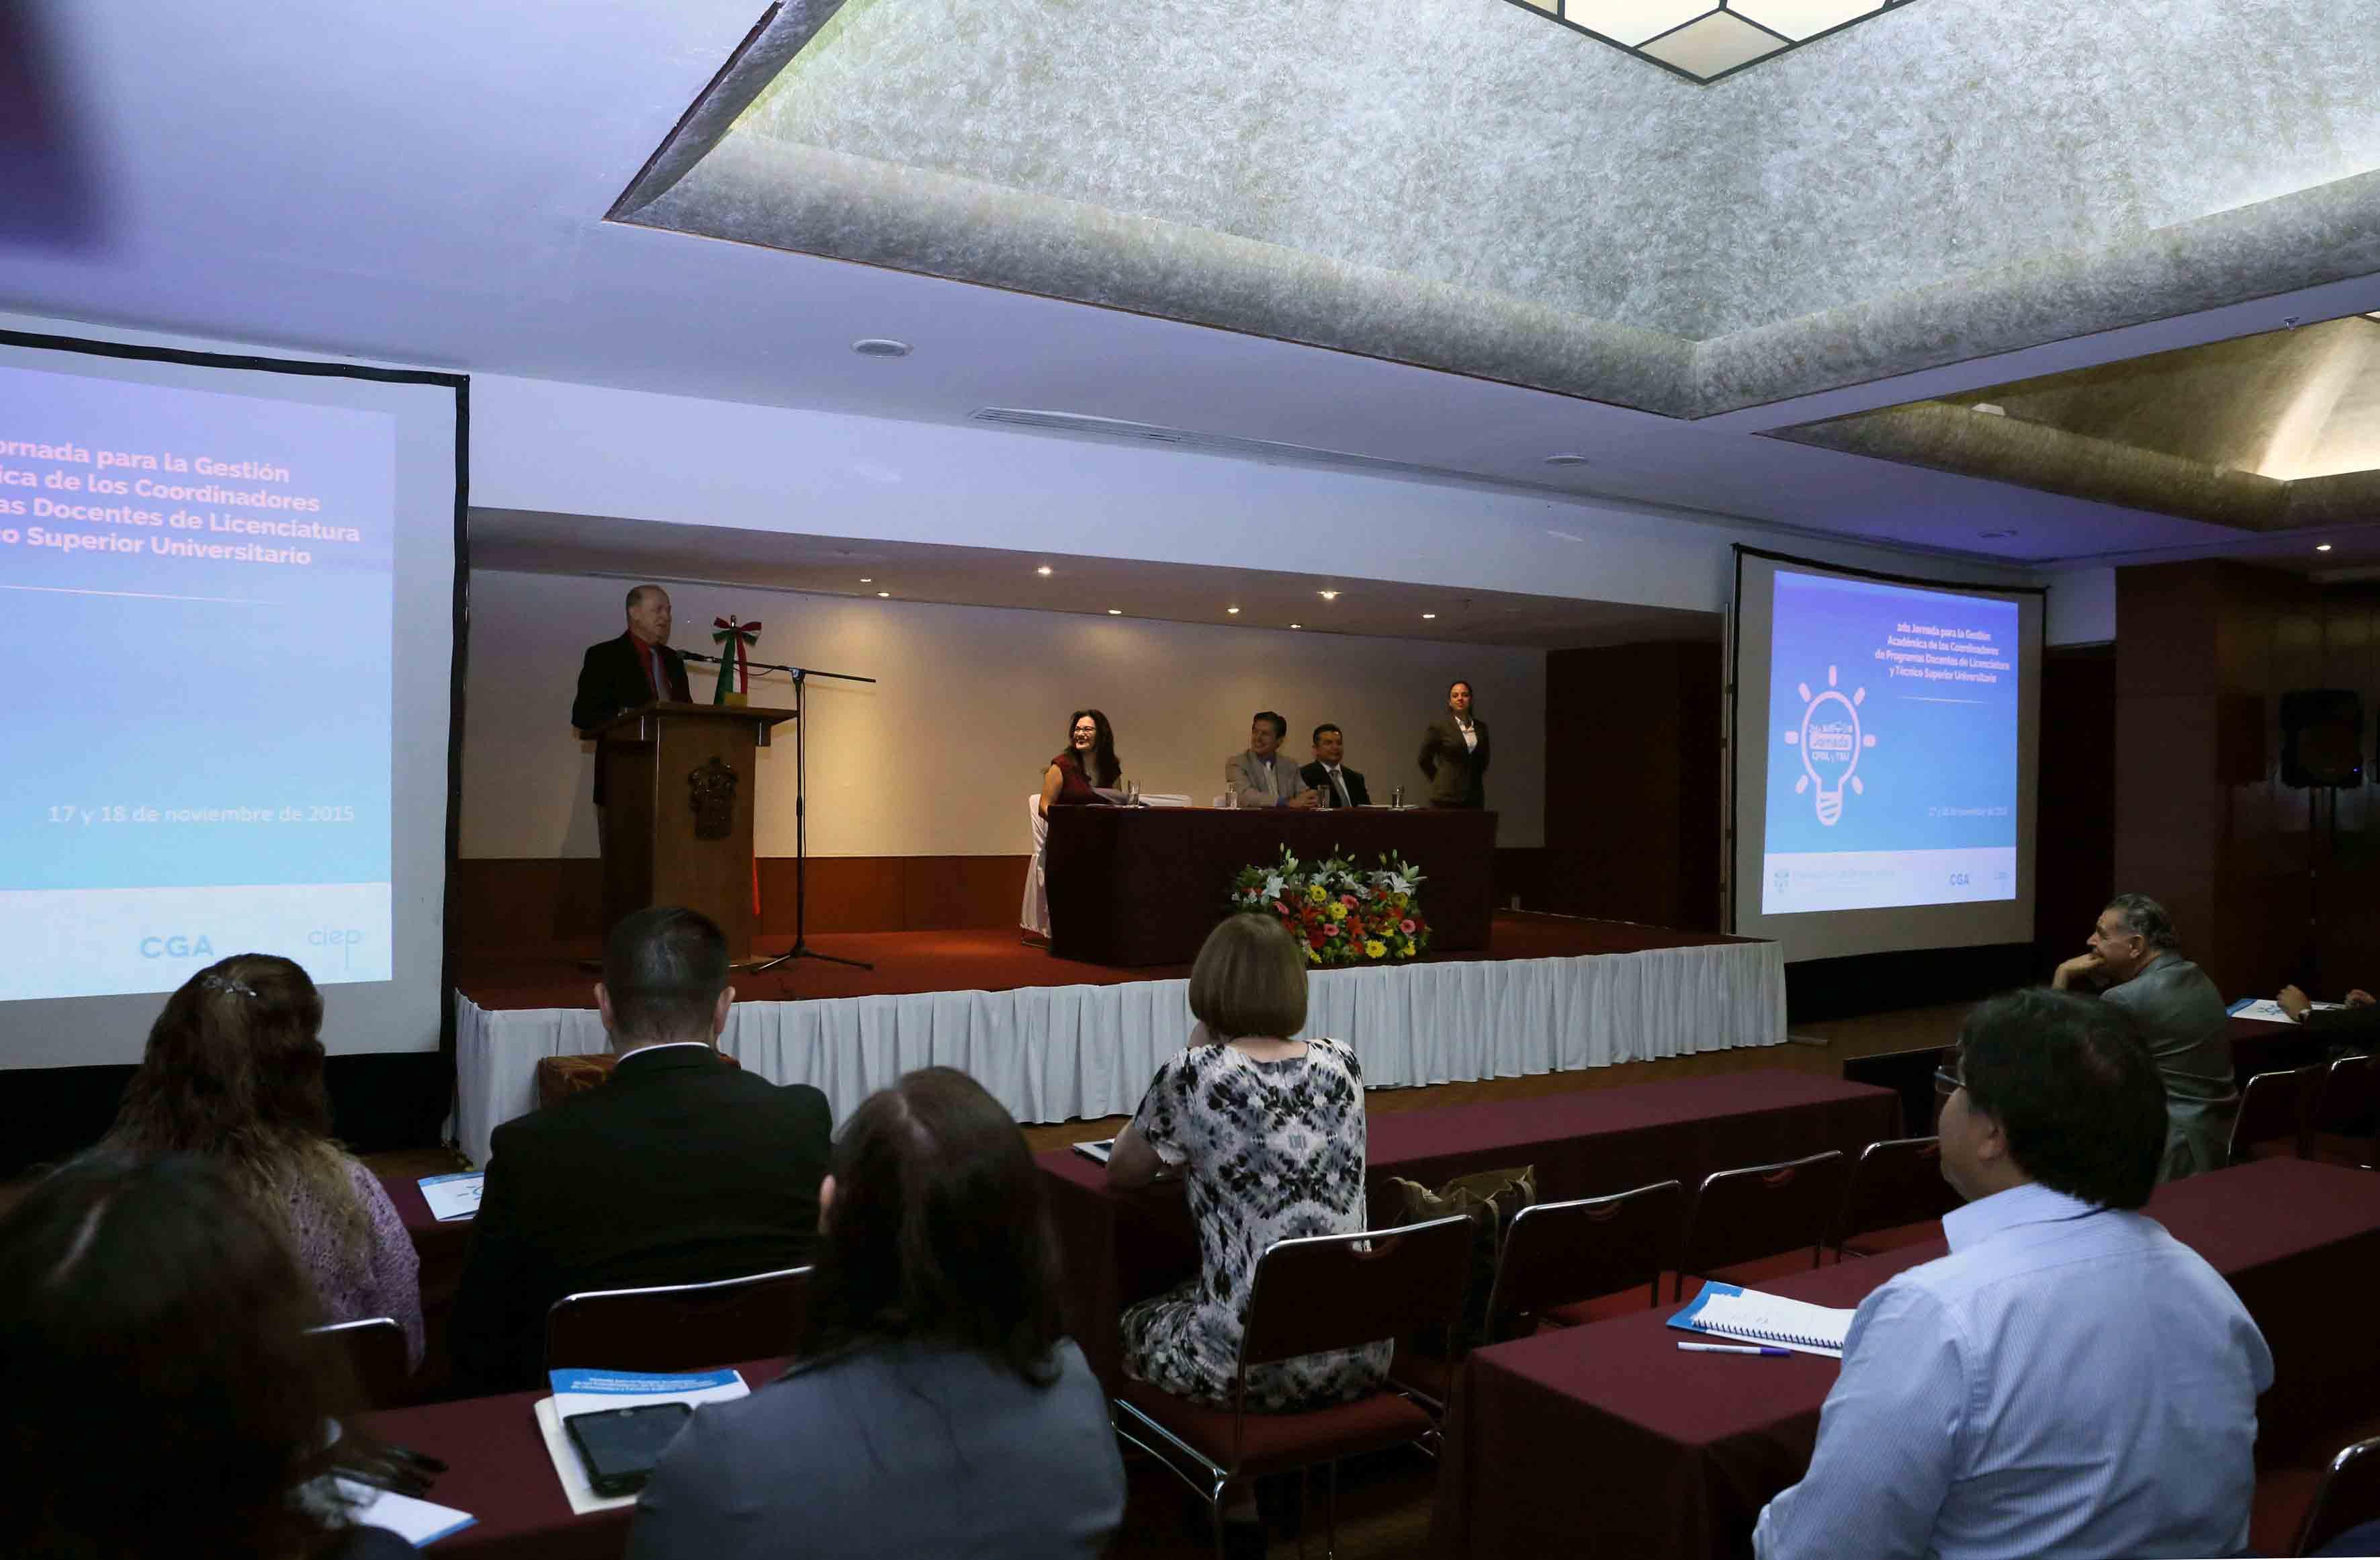 Dr. Miguel Ángel Navarro Navarro,en la inauguración de la 2da Jornada para la Gestión Académica de los Coordinadores de Programas Docentes de Licenciatura y Técnico Superior Universitario.